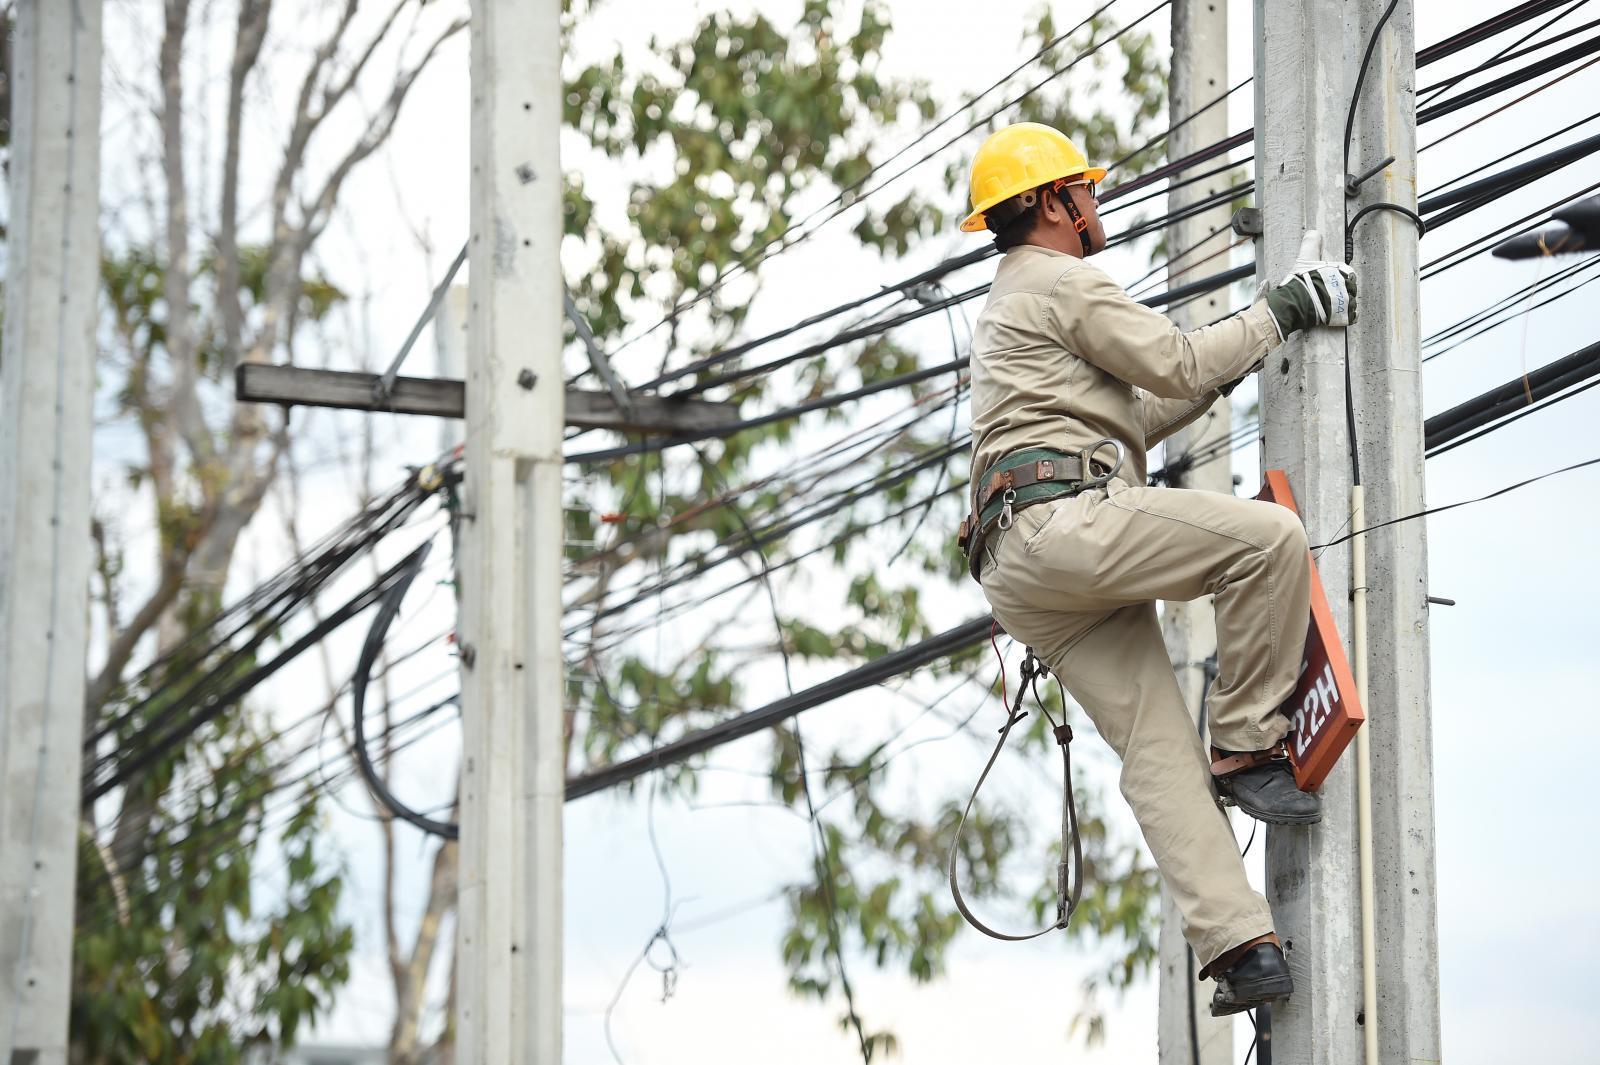 กฟน. บำรุงรักษาระบบจำหน่ายและระบบไฟฟ้าสำรอง เตรียมพร้อมจ่ายไฟฟ้าอย่างมั่นคงรับวันเลือกตั้ง